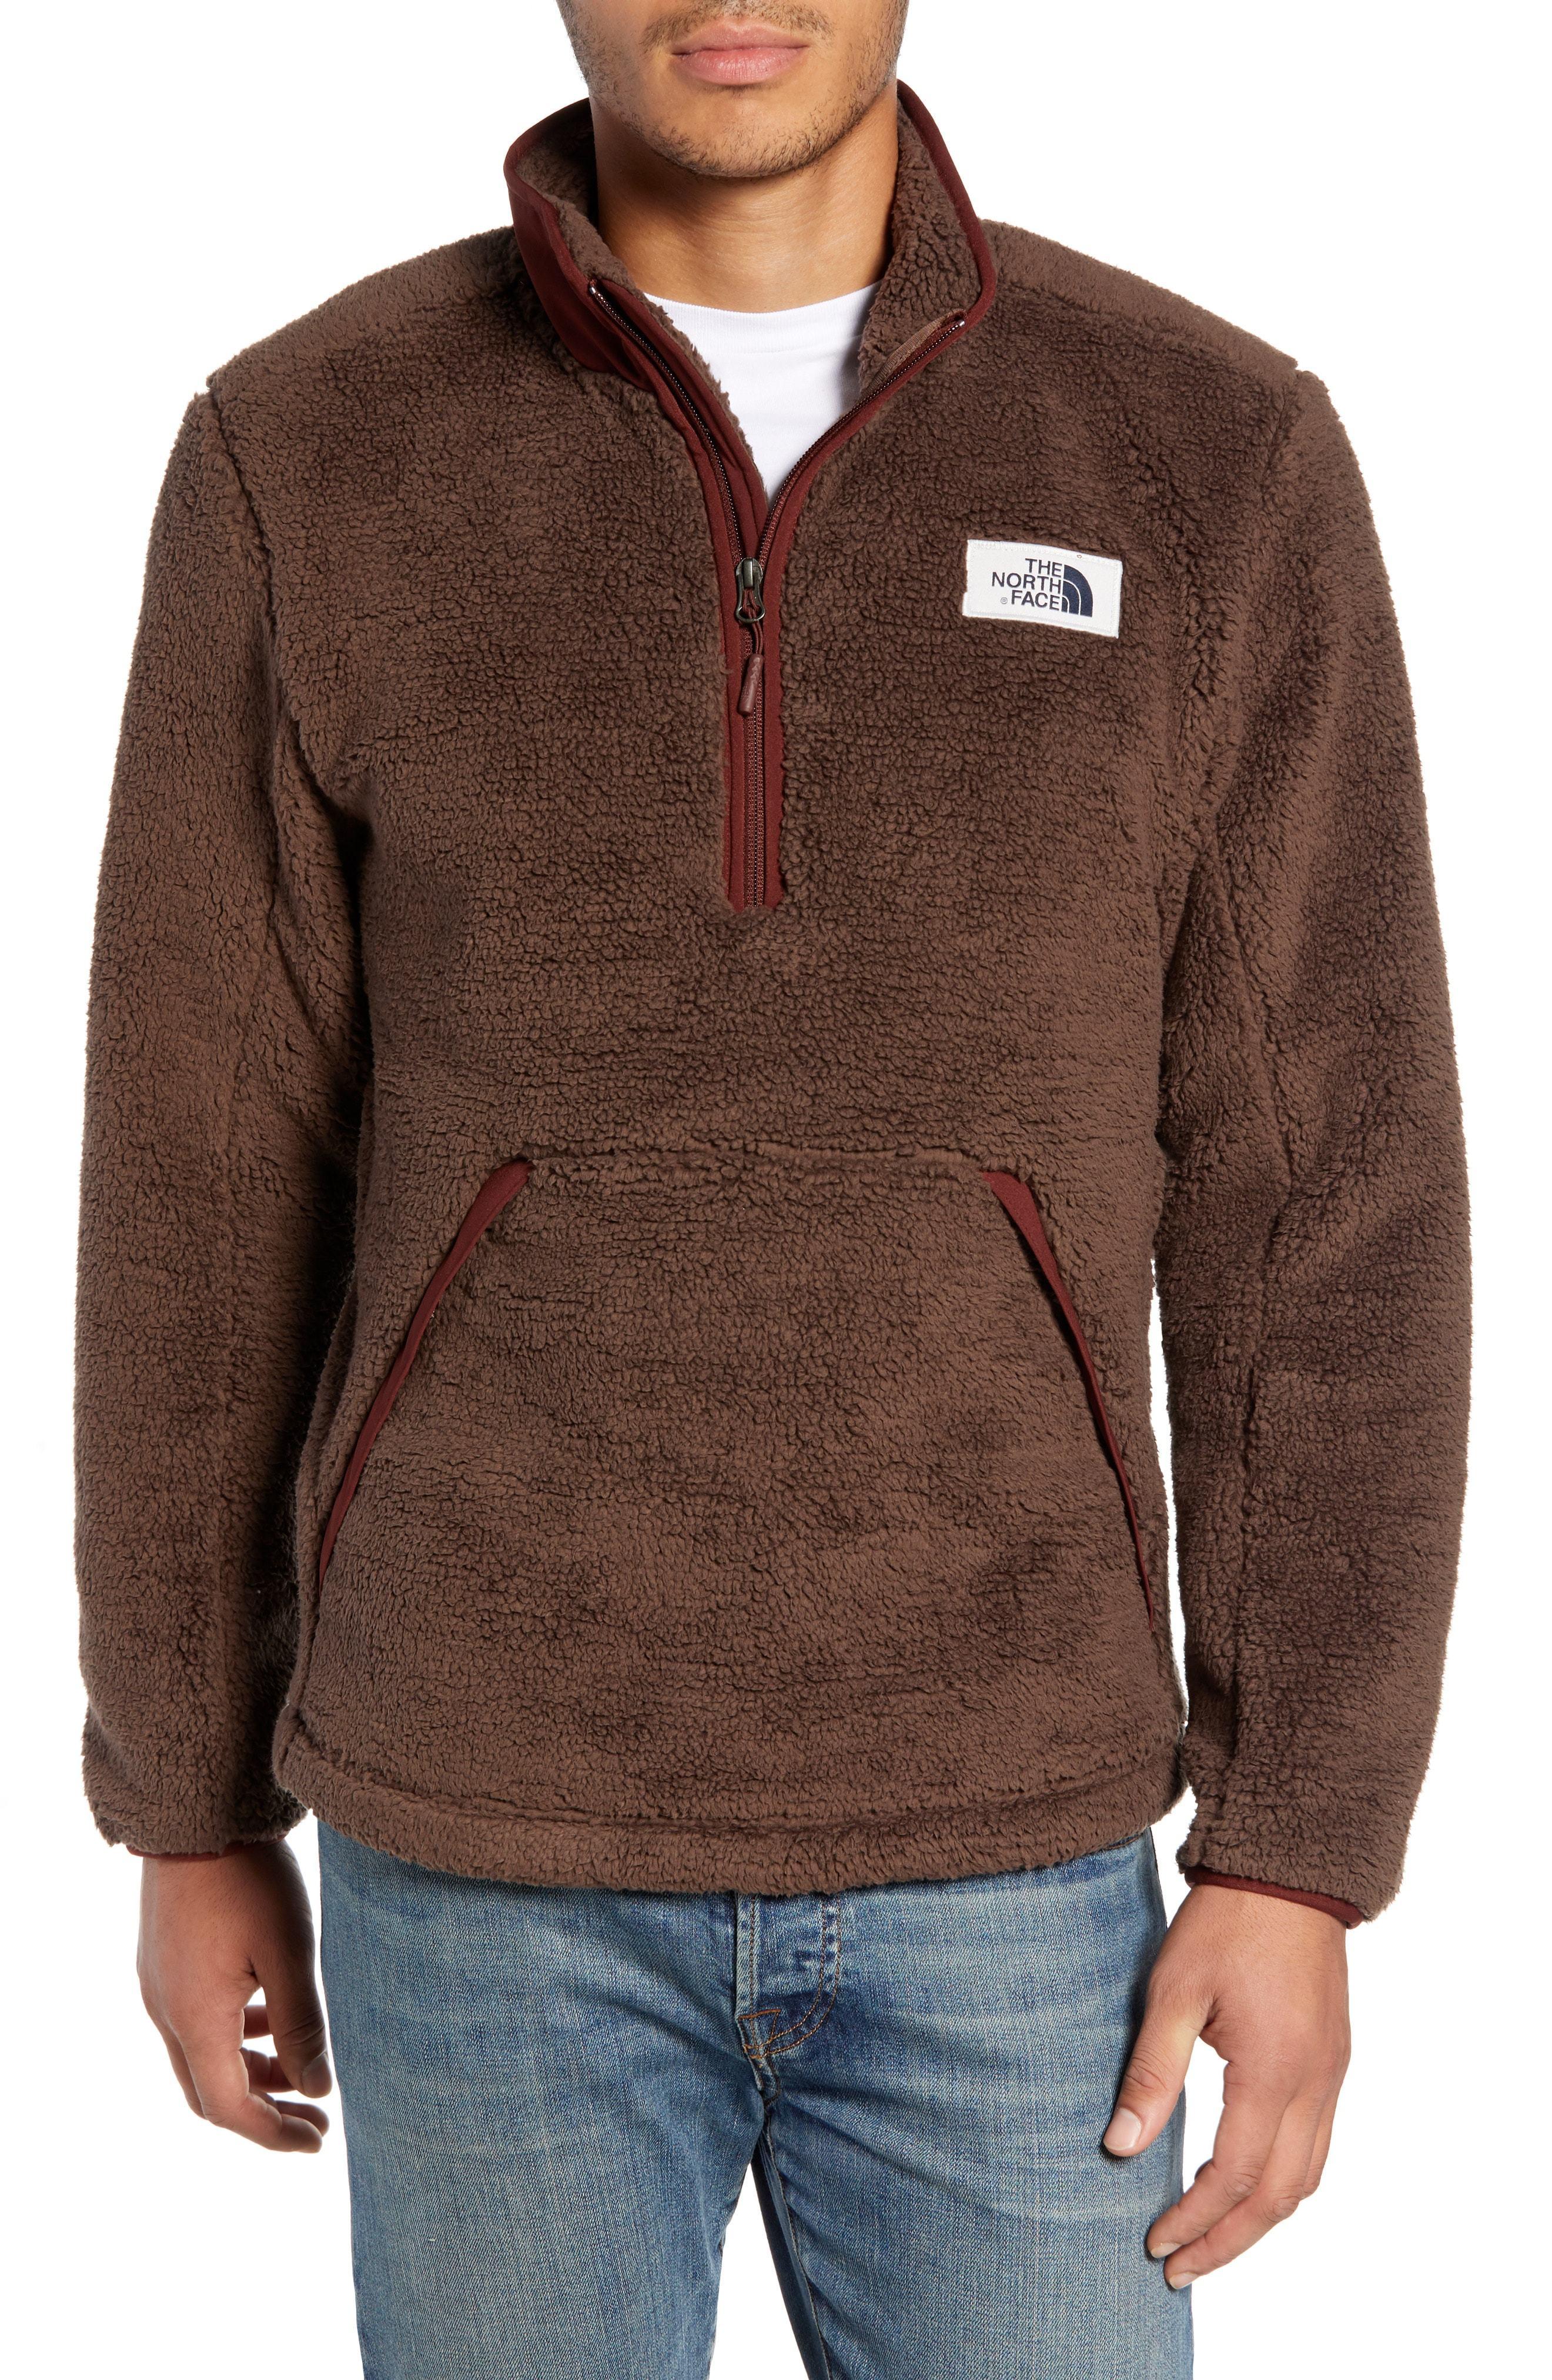 b21535de2 Campshire Pullover Fleece Jacket